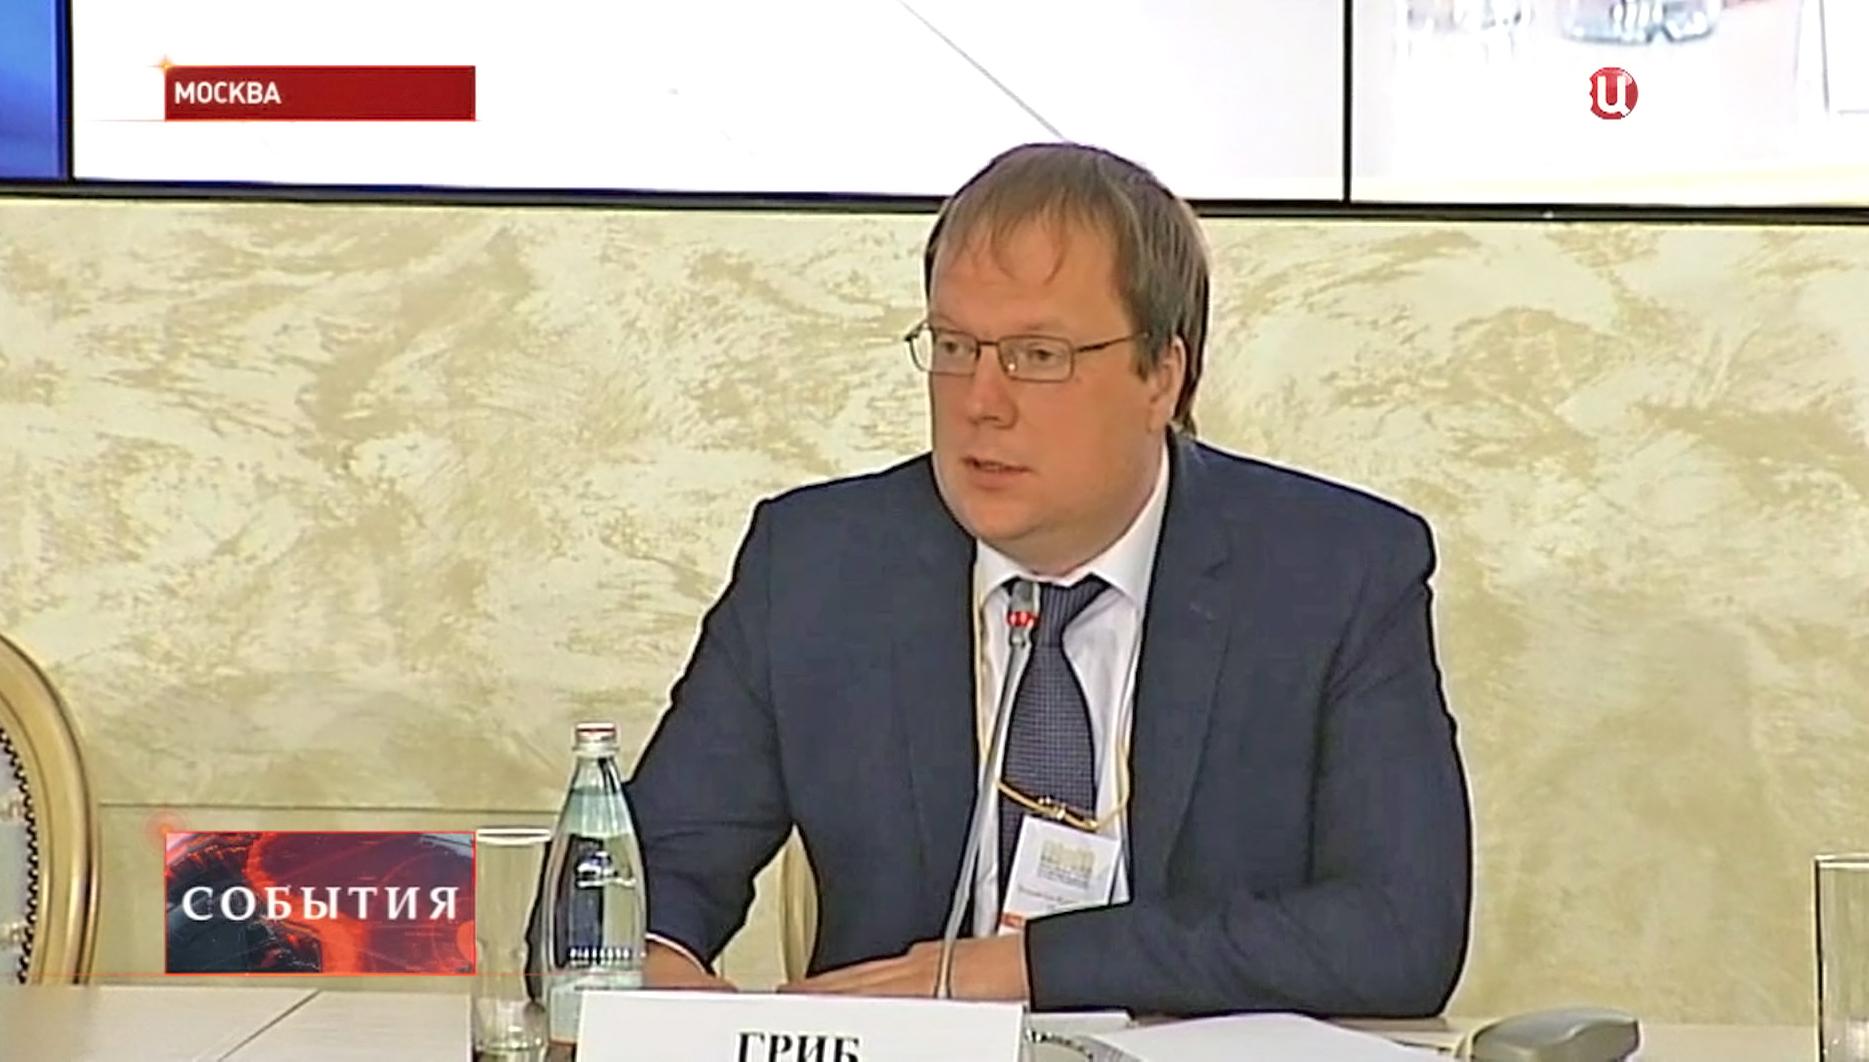 Член Общественной палаты Владислав Гриб